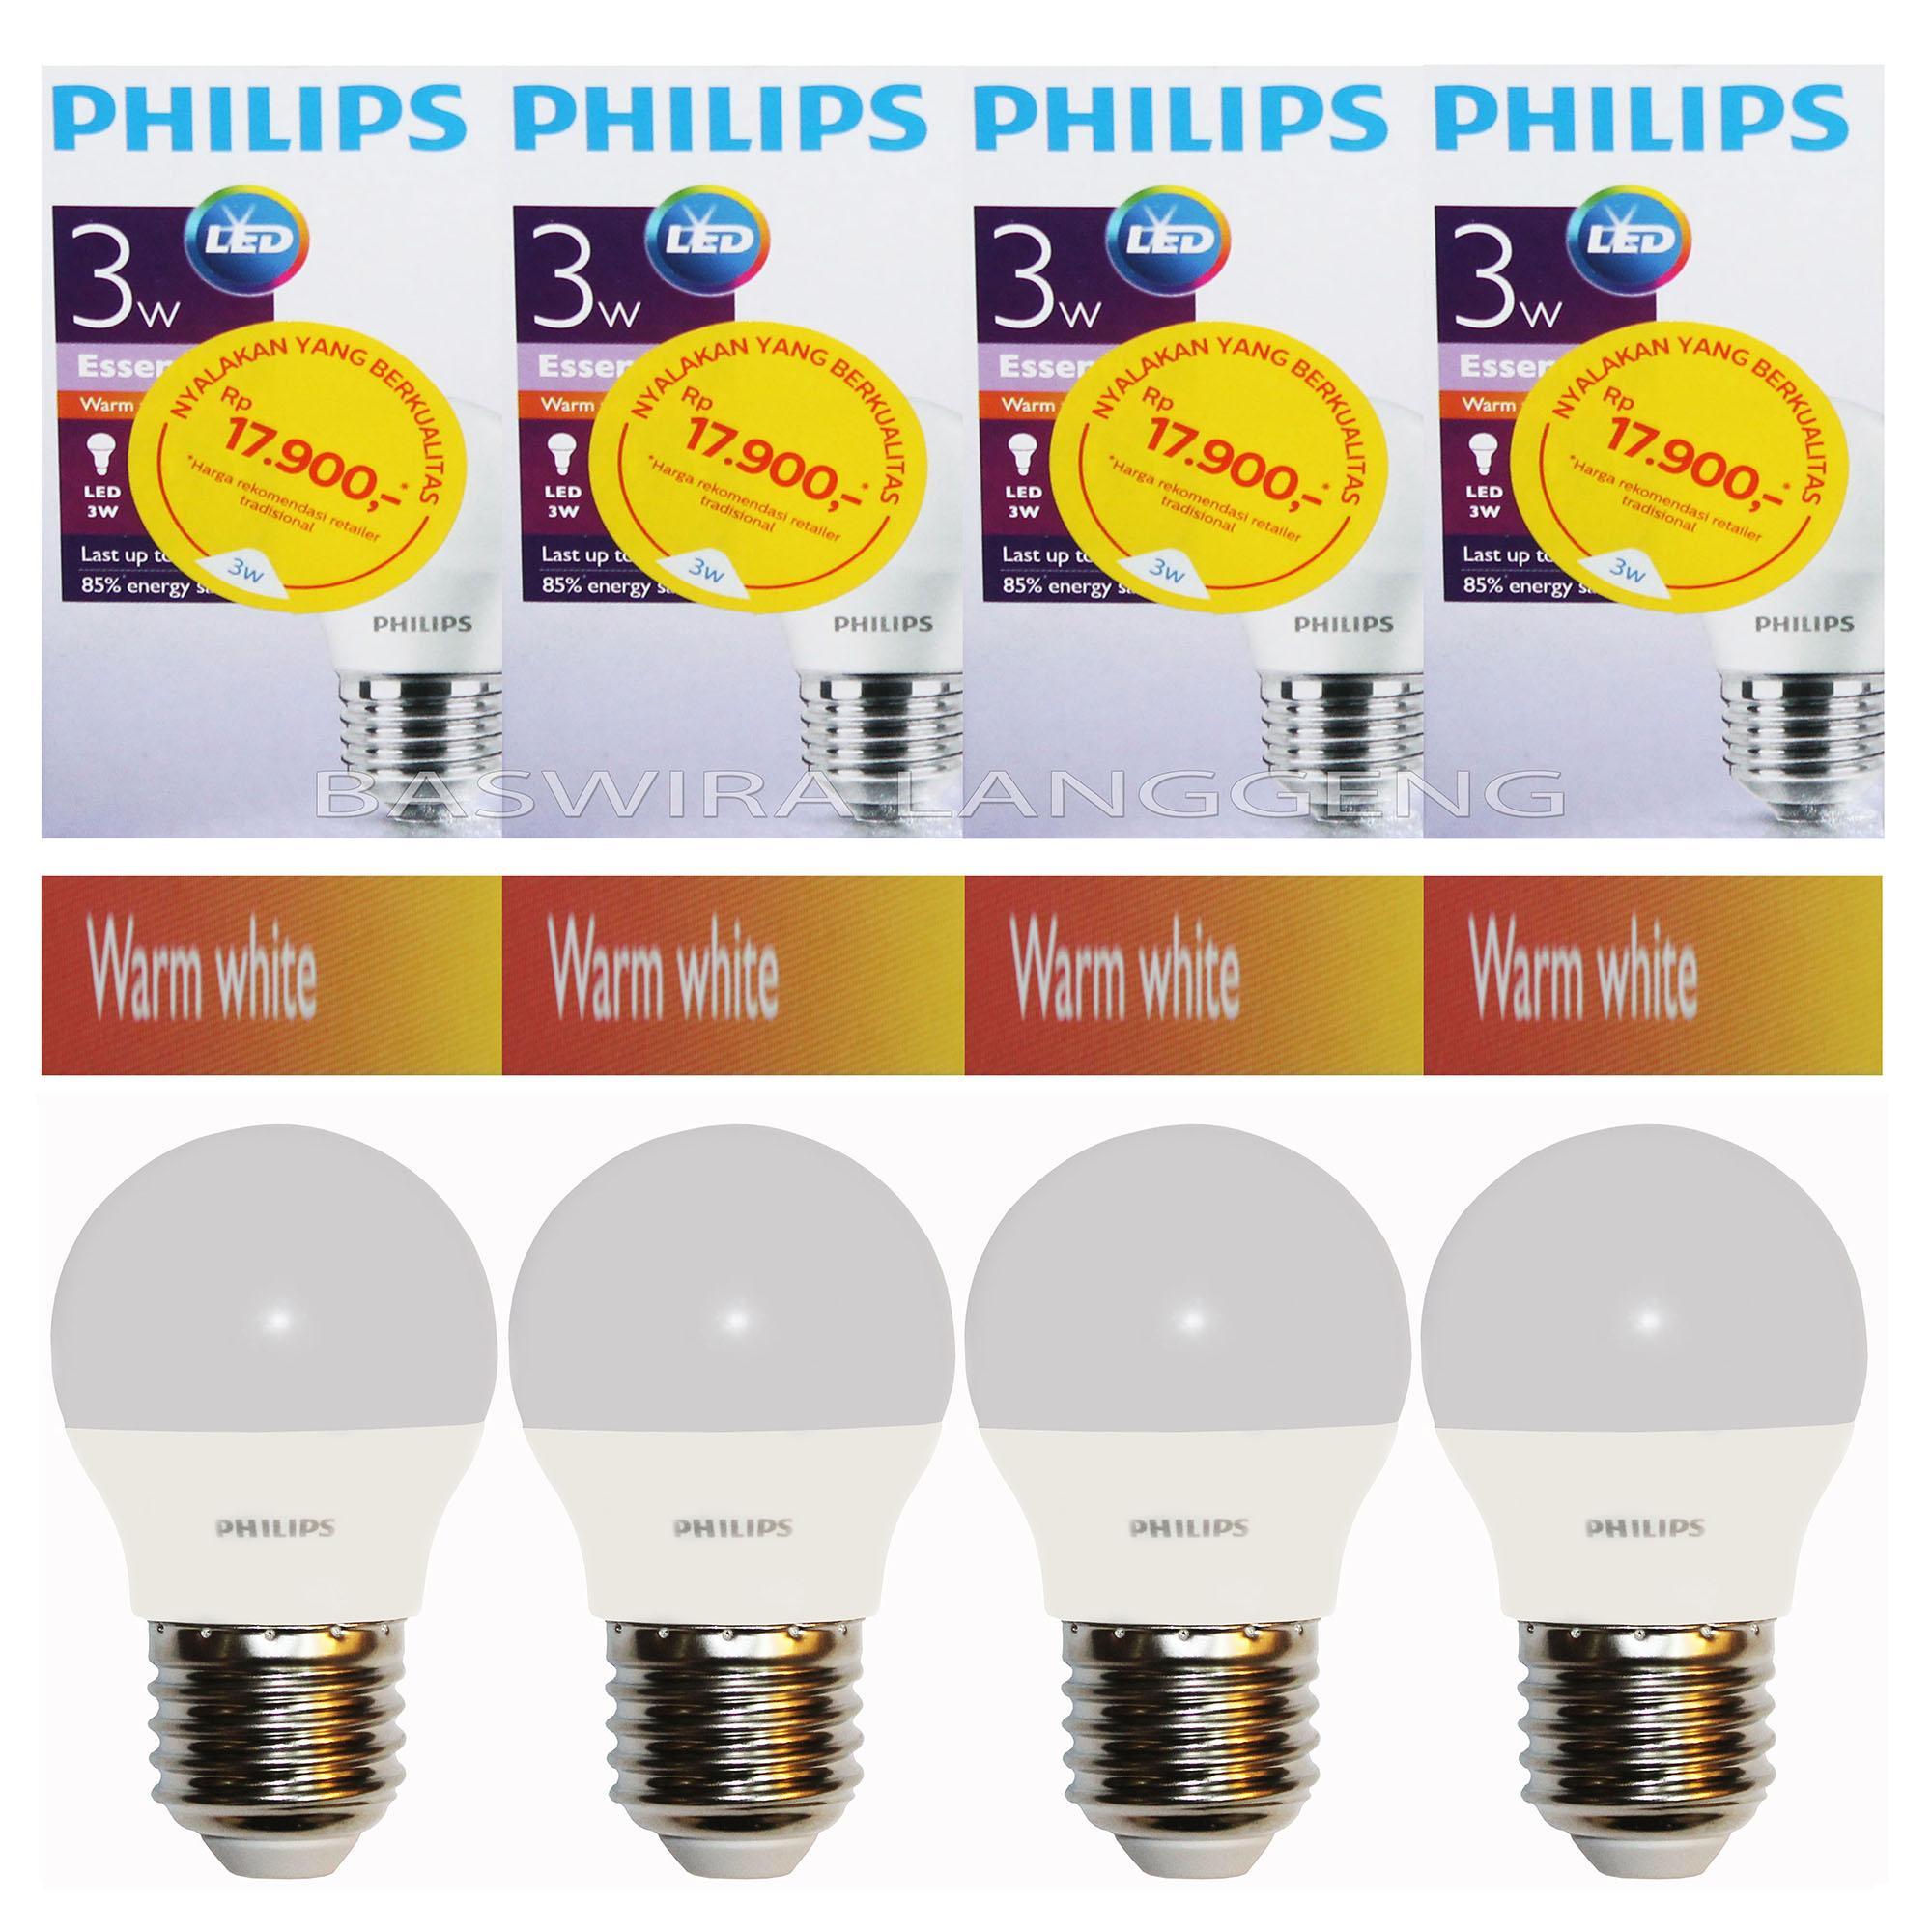 PHILIPS Lampu Led Bulb ESSENTIAL 3W 3Watt 3 W 3 Wat (PAKET 4 PCS)